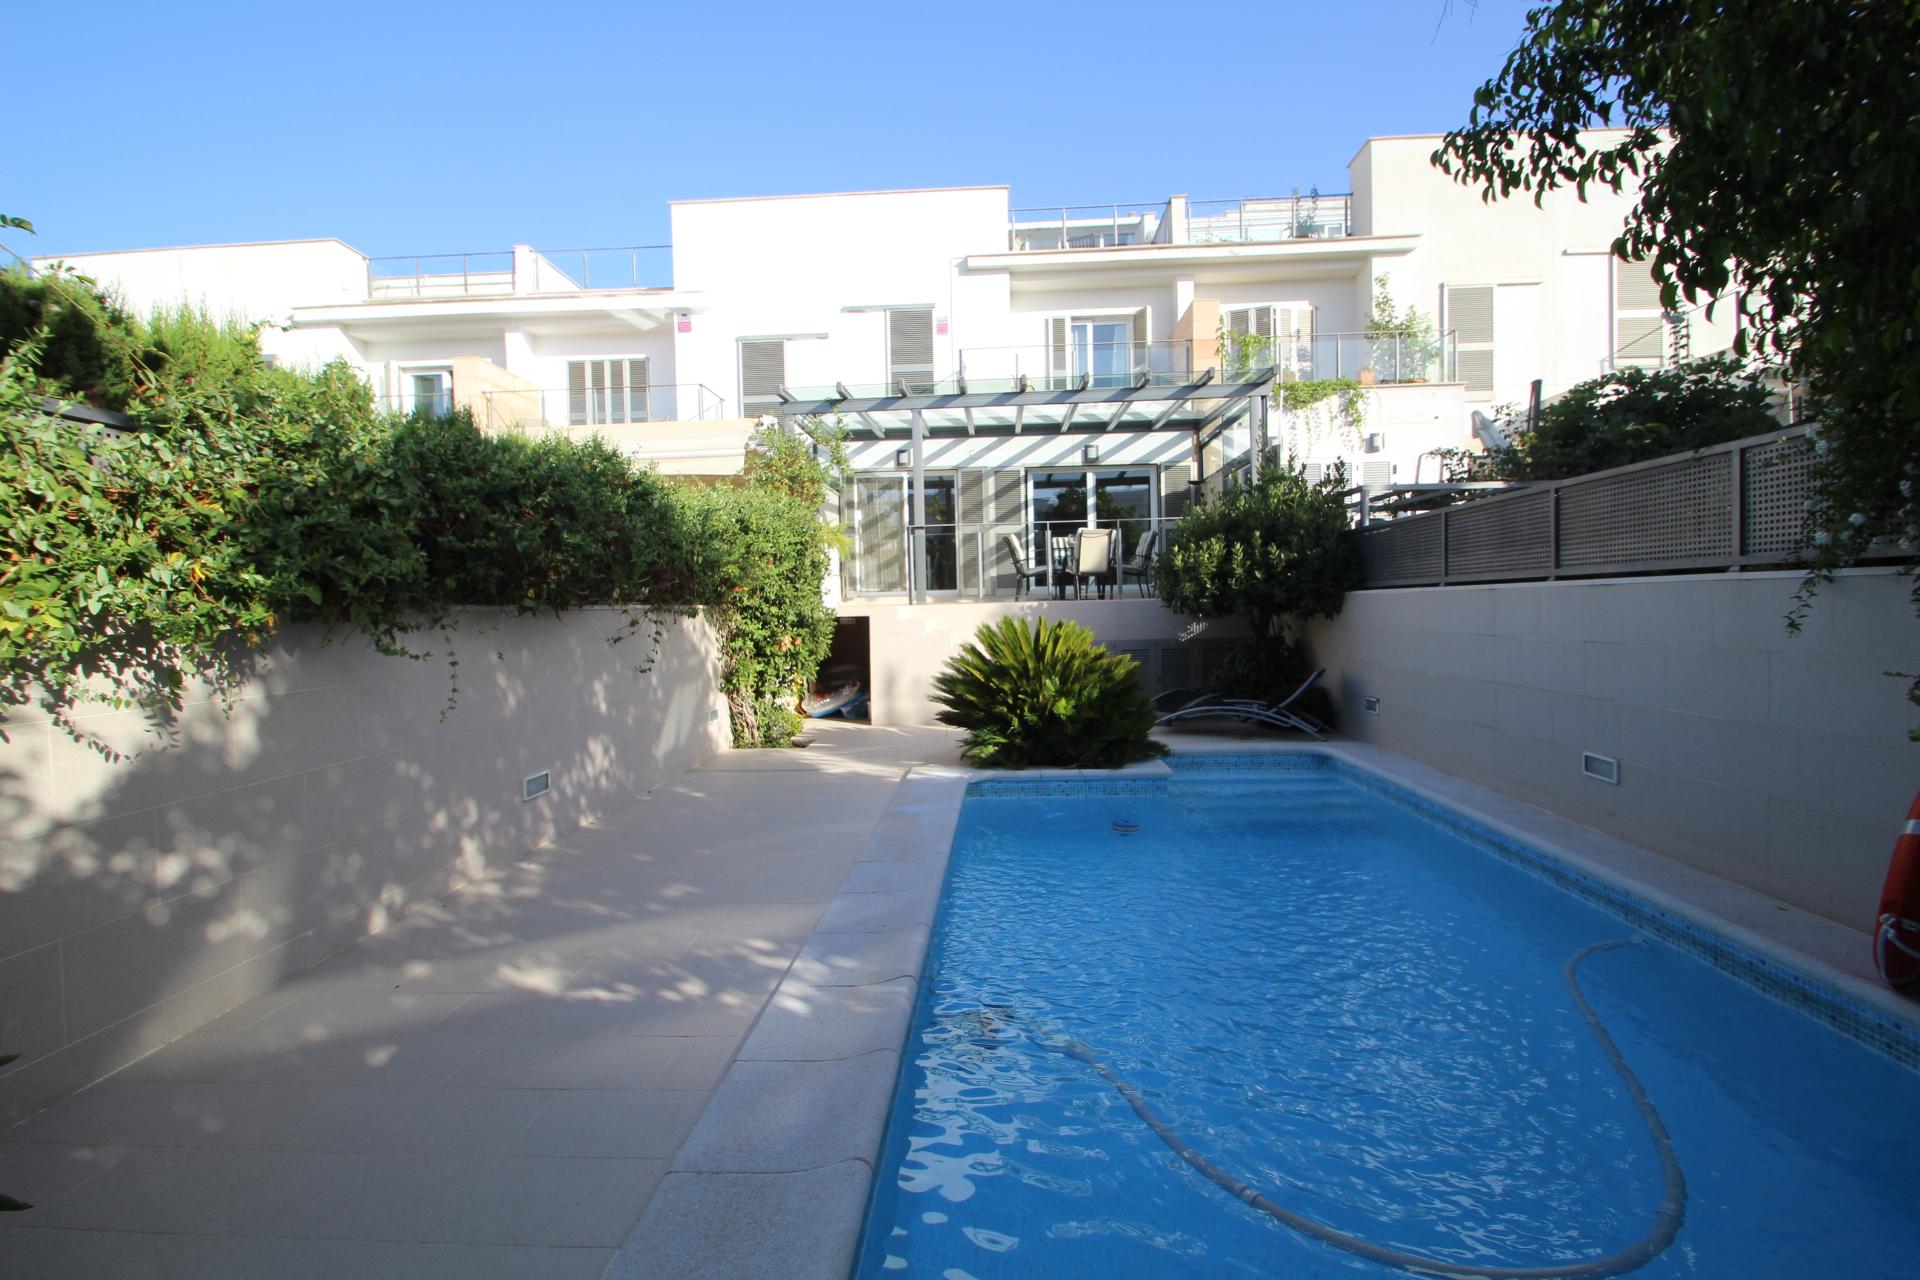 Casa adosada con piscina en zona colegios palma inmueble for Casas con piscina mallorca